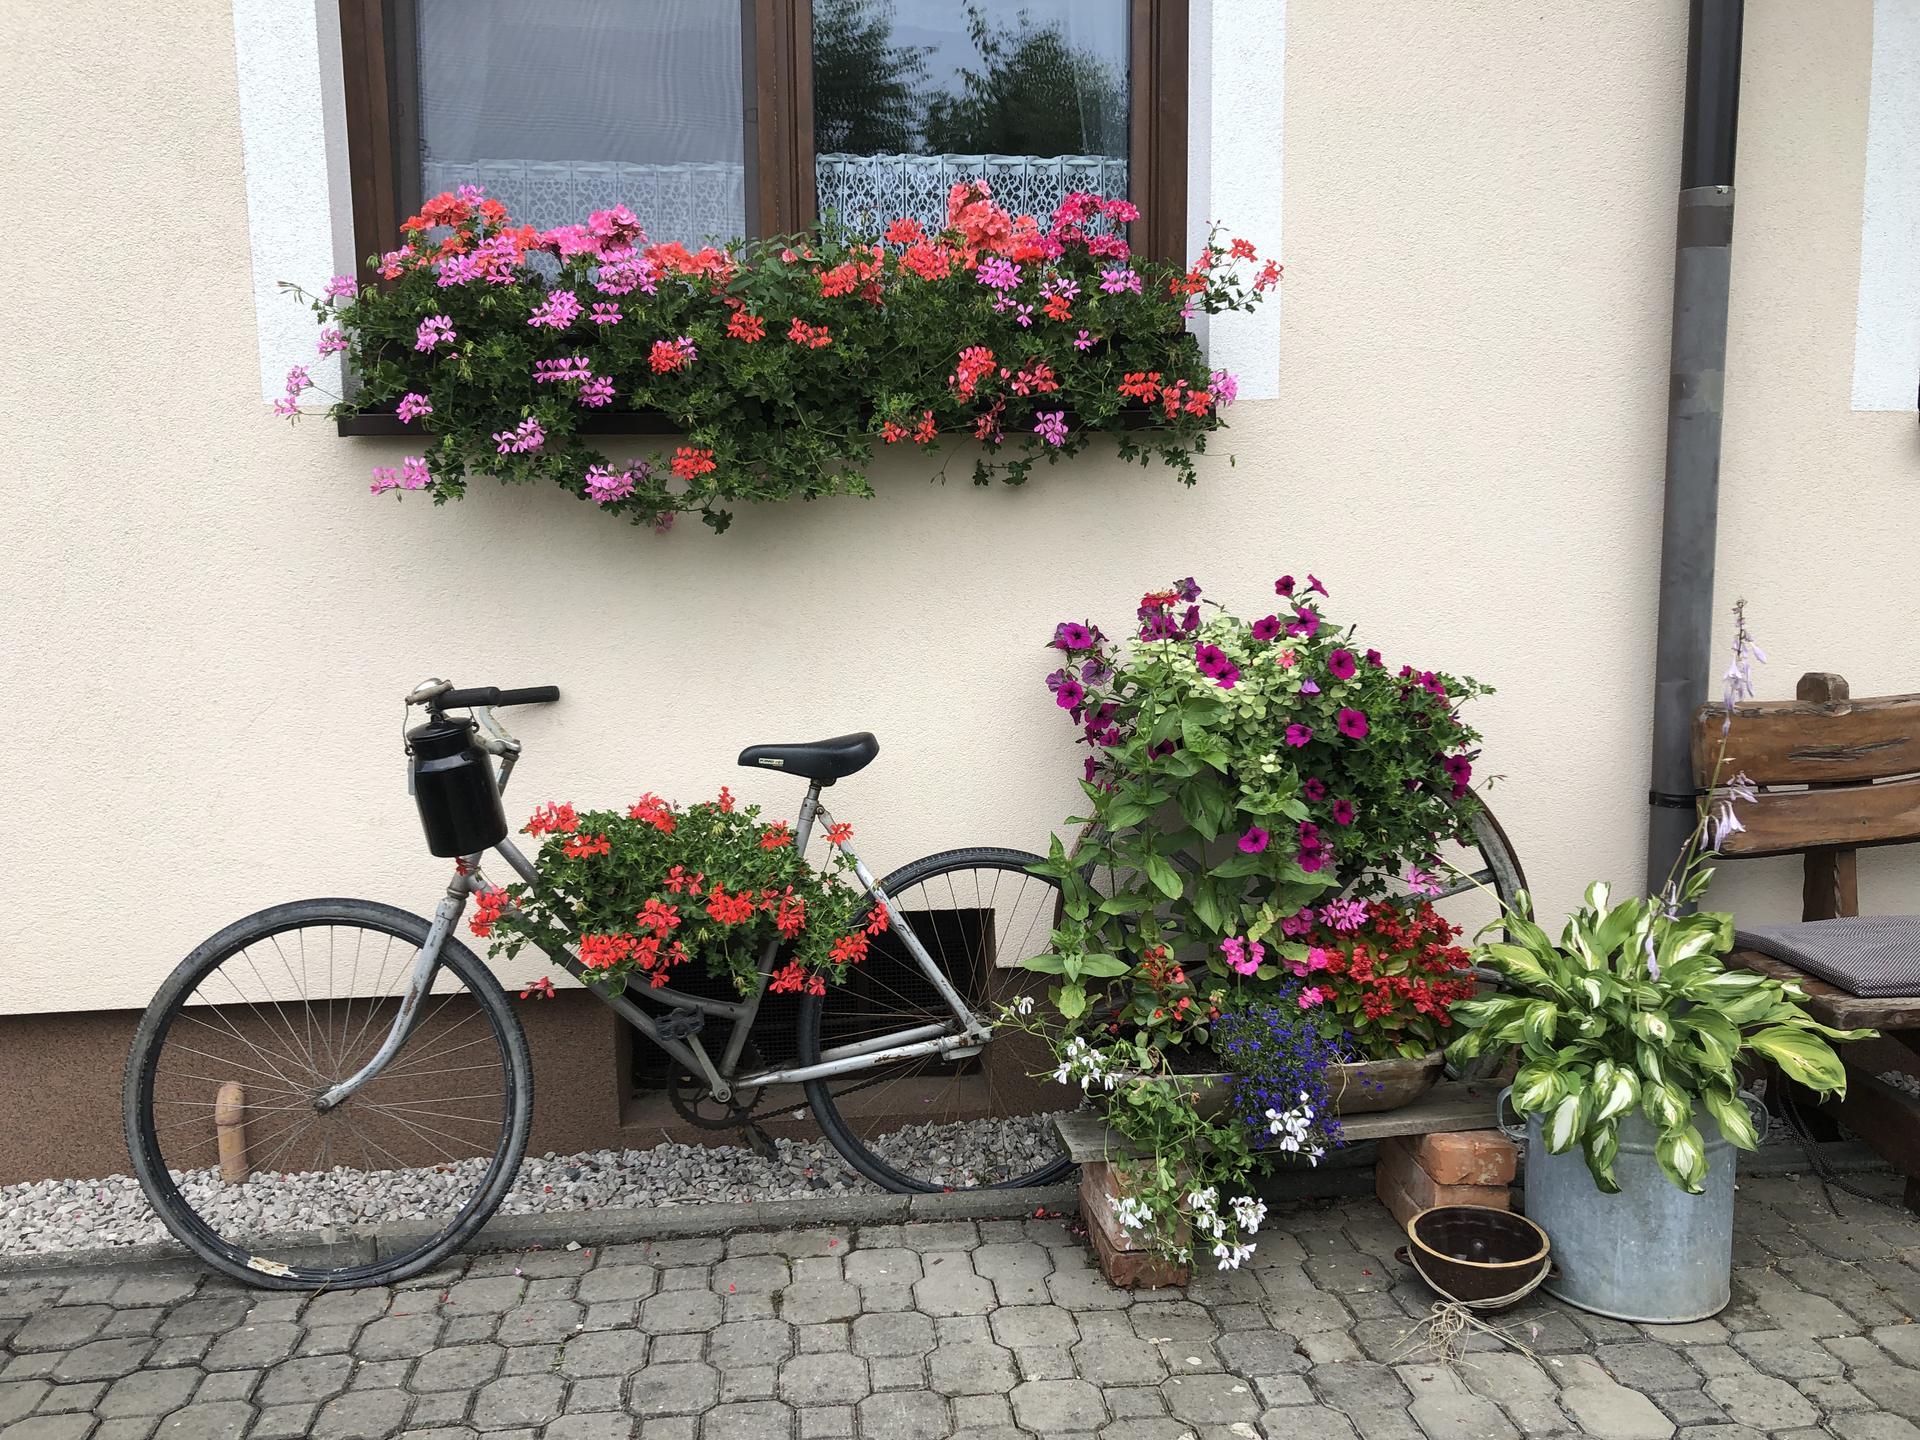 U nás doma a na zahradě 2021 - Obrázek č. 13